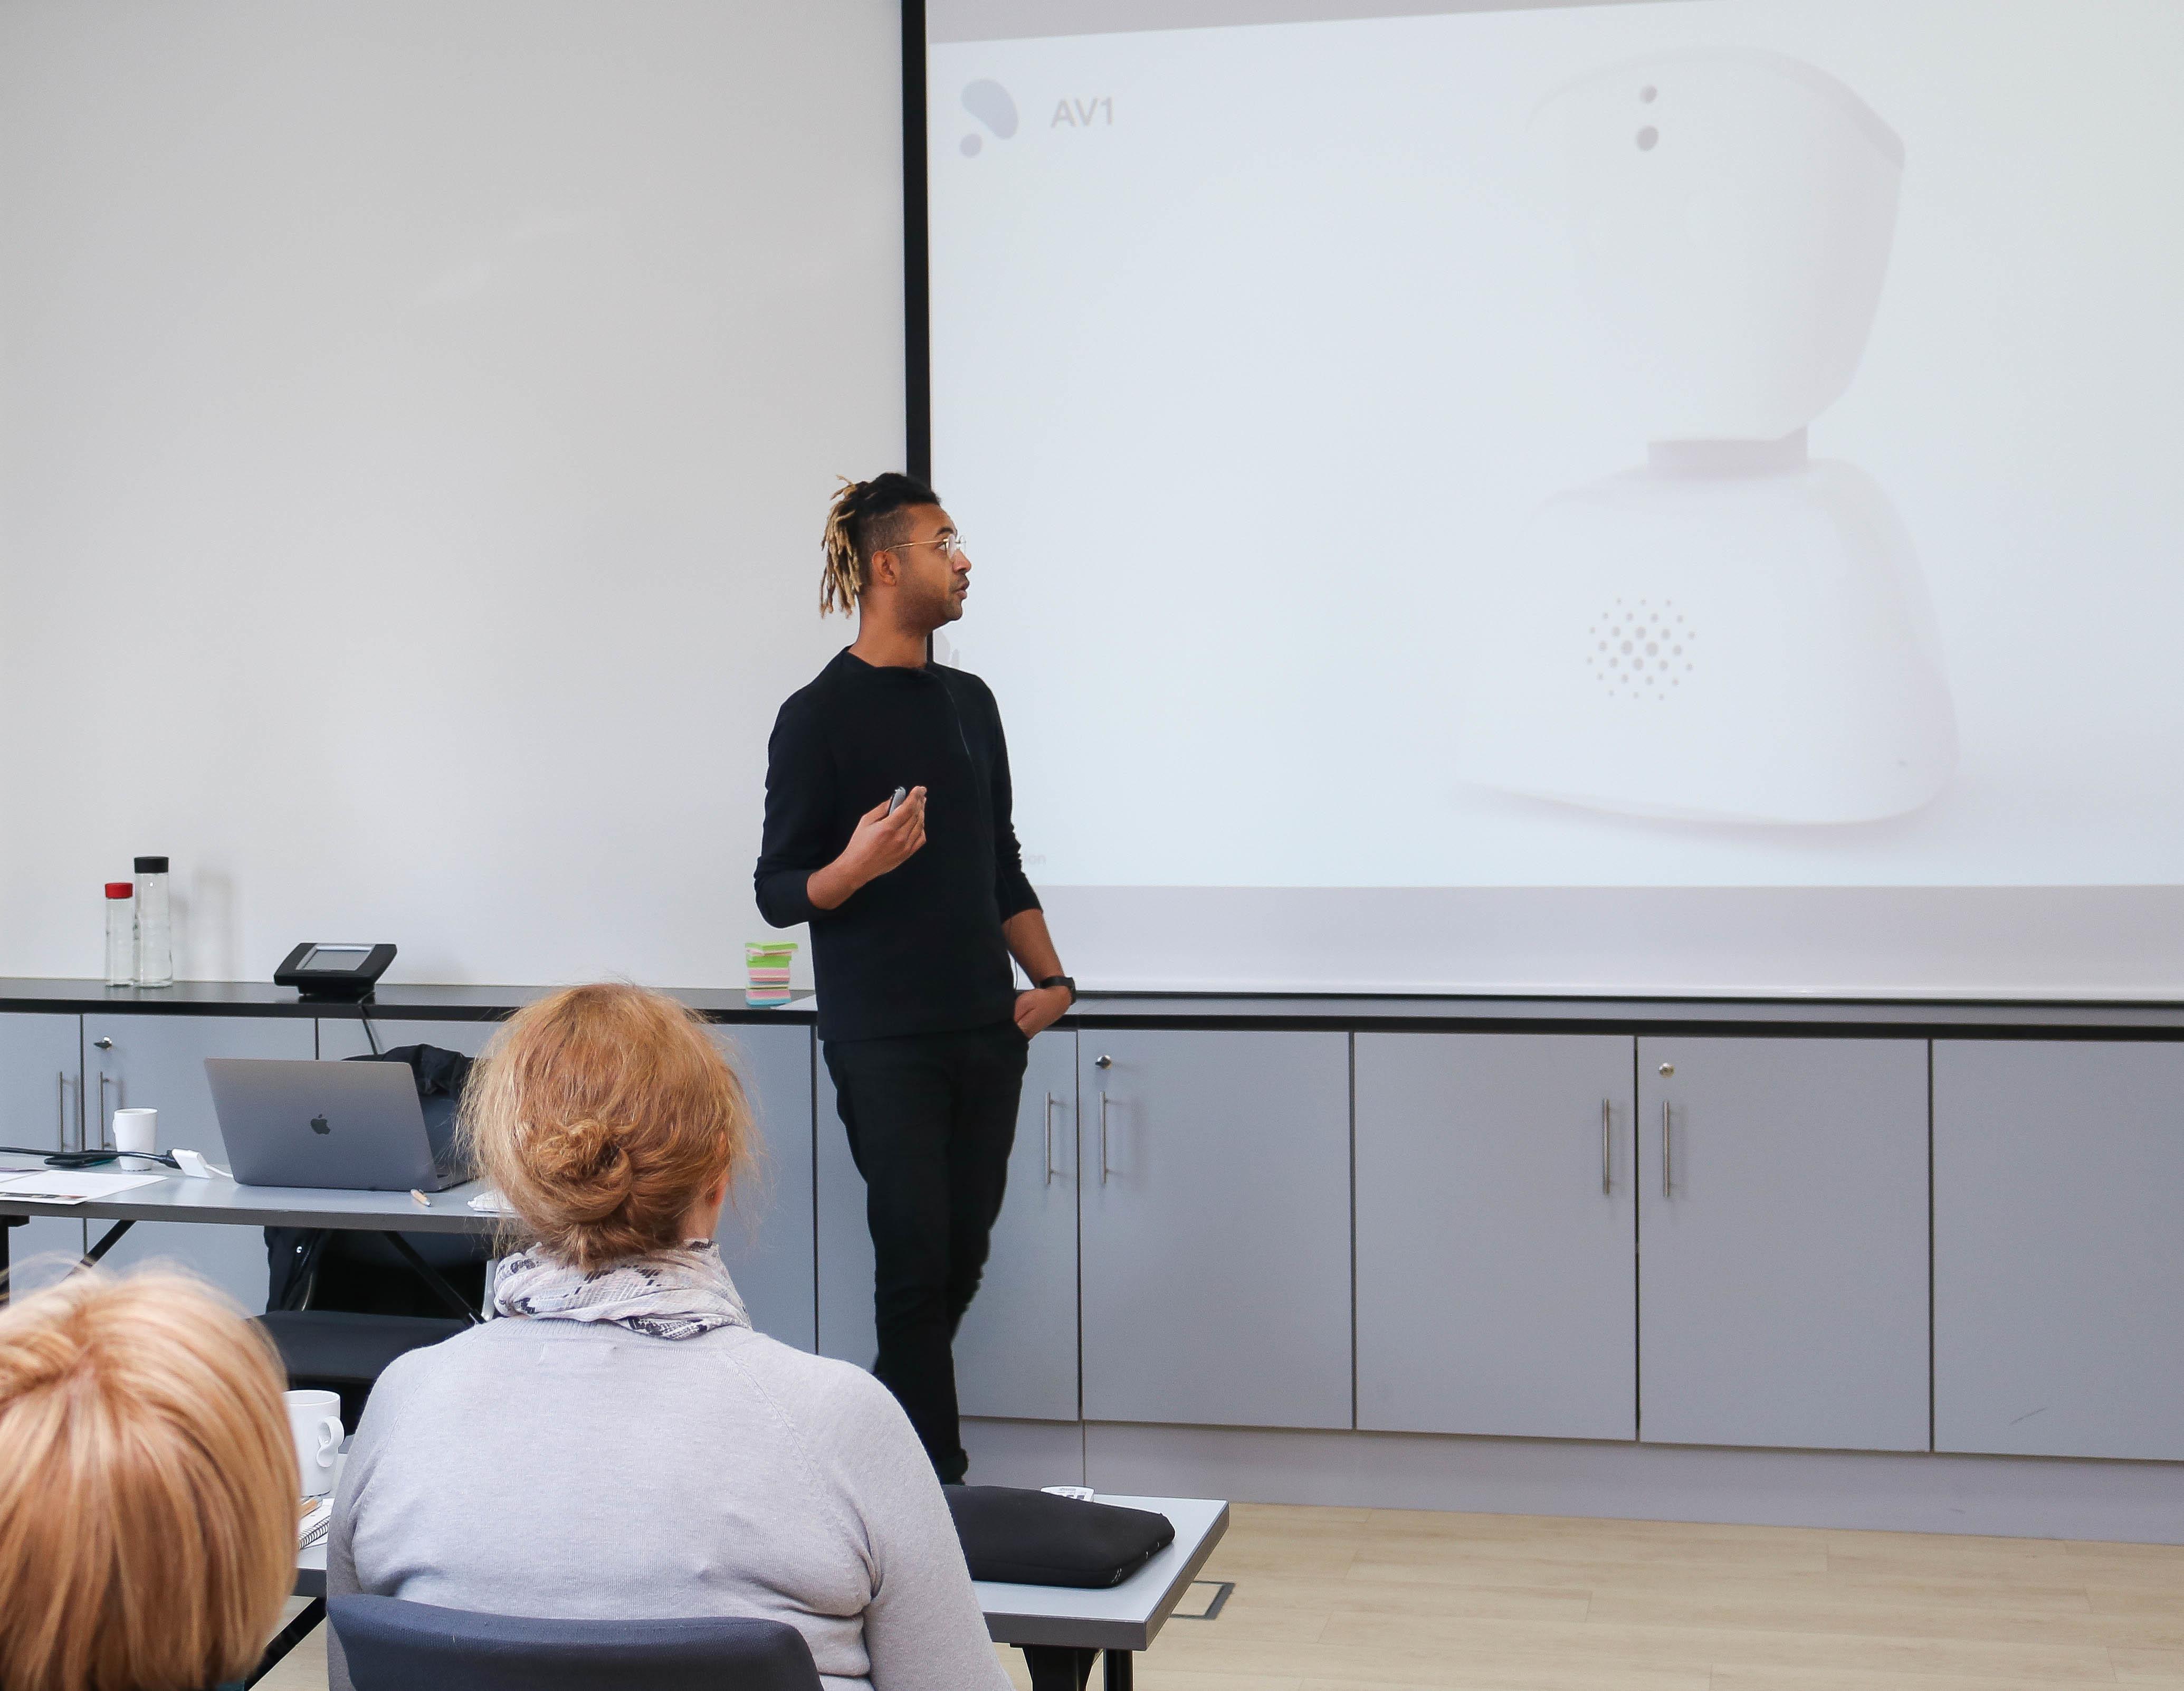 Mann kledd i svart holder foredrag mens han viser fram roboten A1 på Power Point.